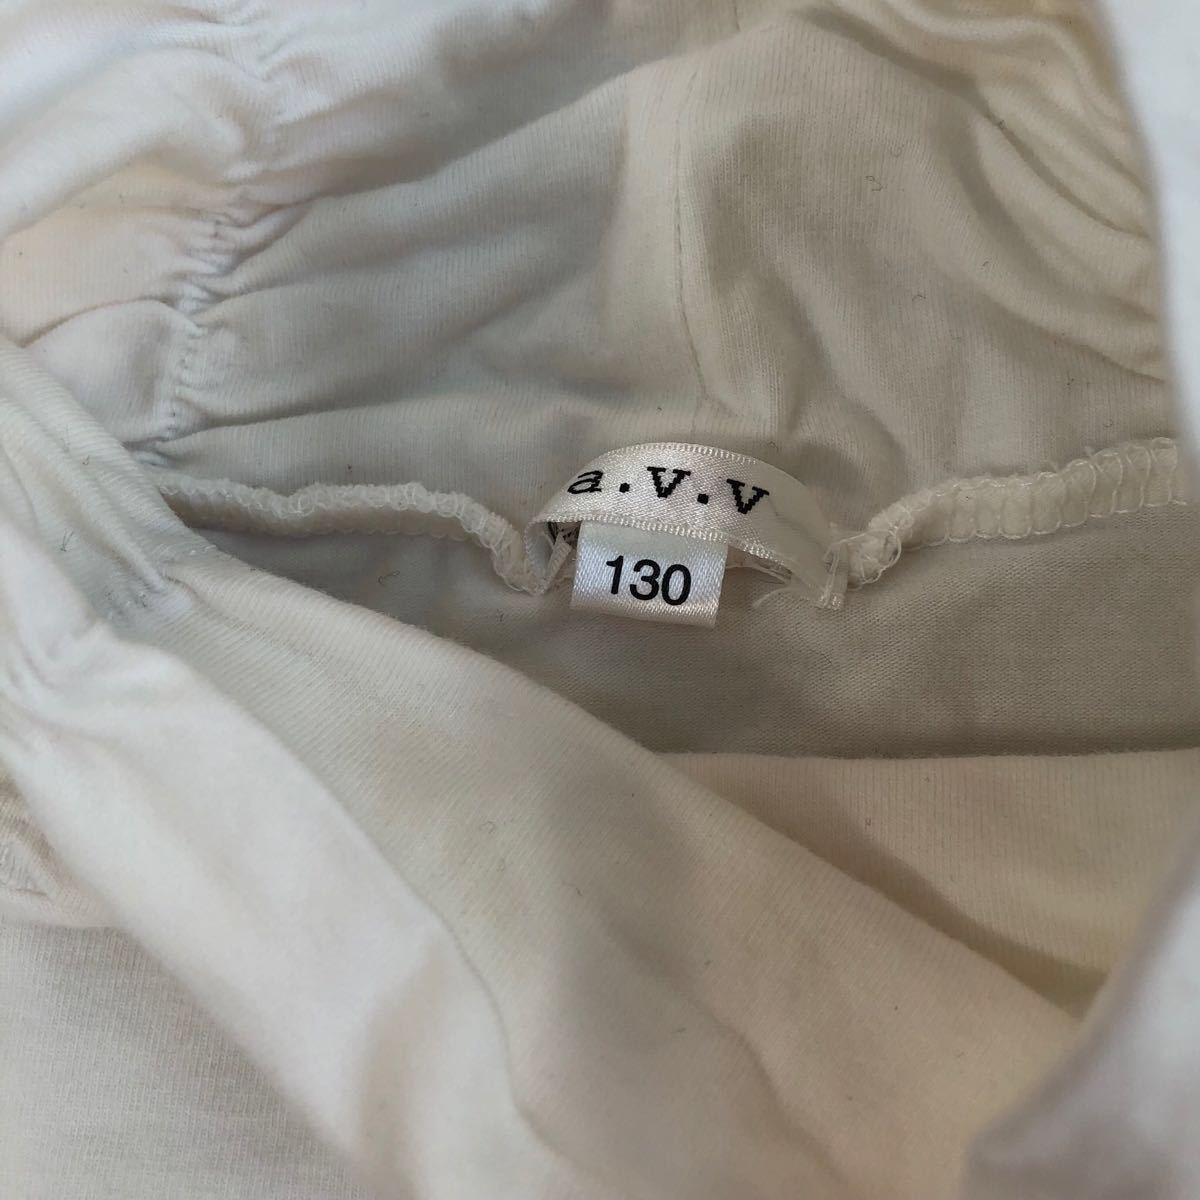 5fd278436b1a1 ... a.v.v アーベーベー 長袖 ハイネック カットソー 女の子 130 白 ホワイト 送料185円 トップス キッズ フォーマル インナー